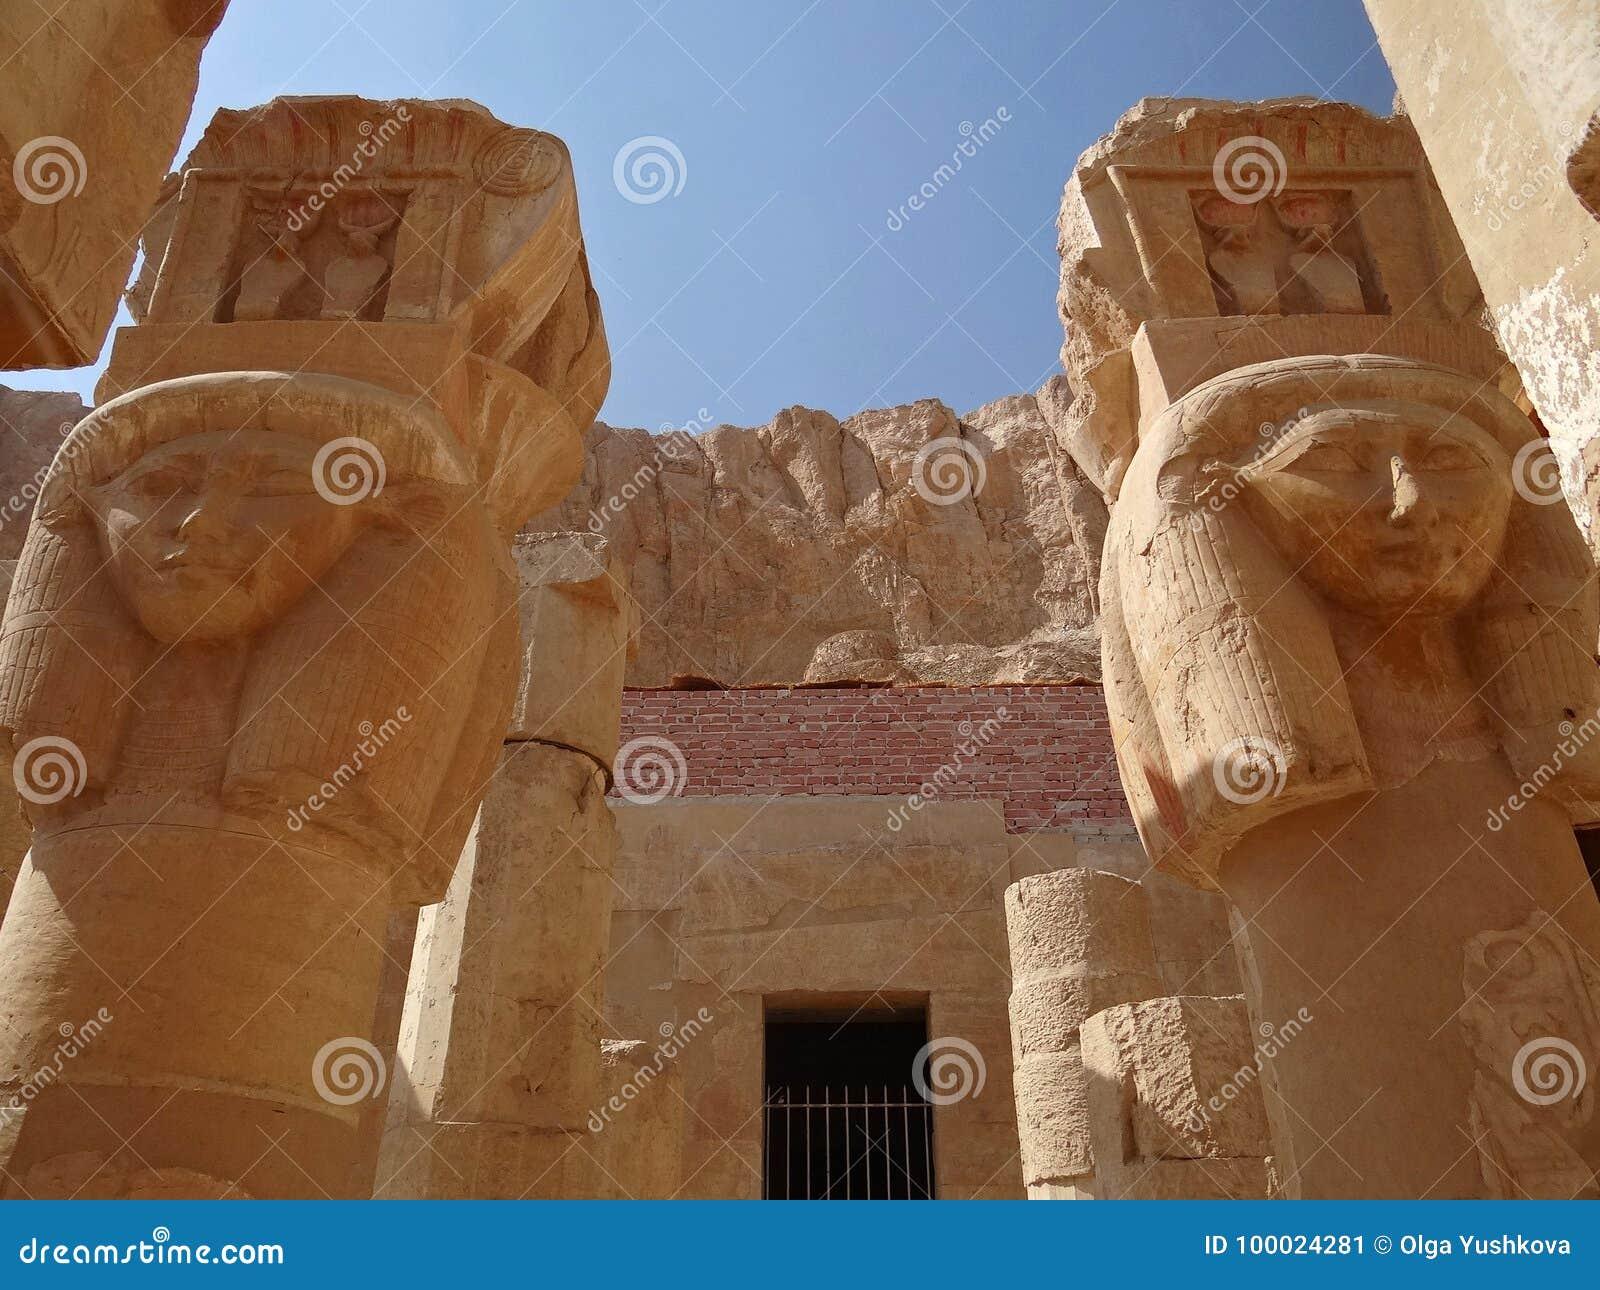 Colunas com imagens de Hathor no templo de Hatshepsut